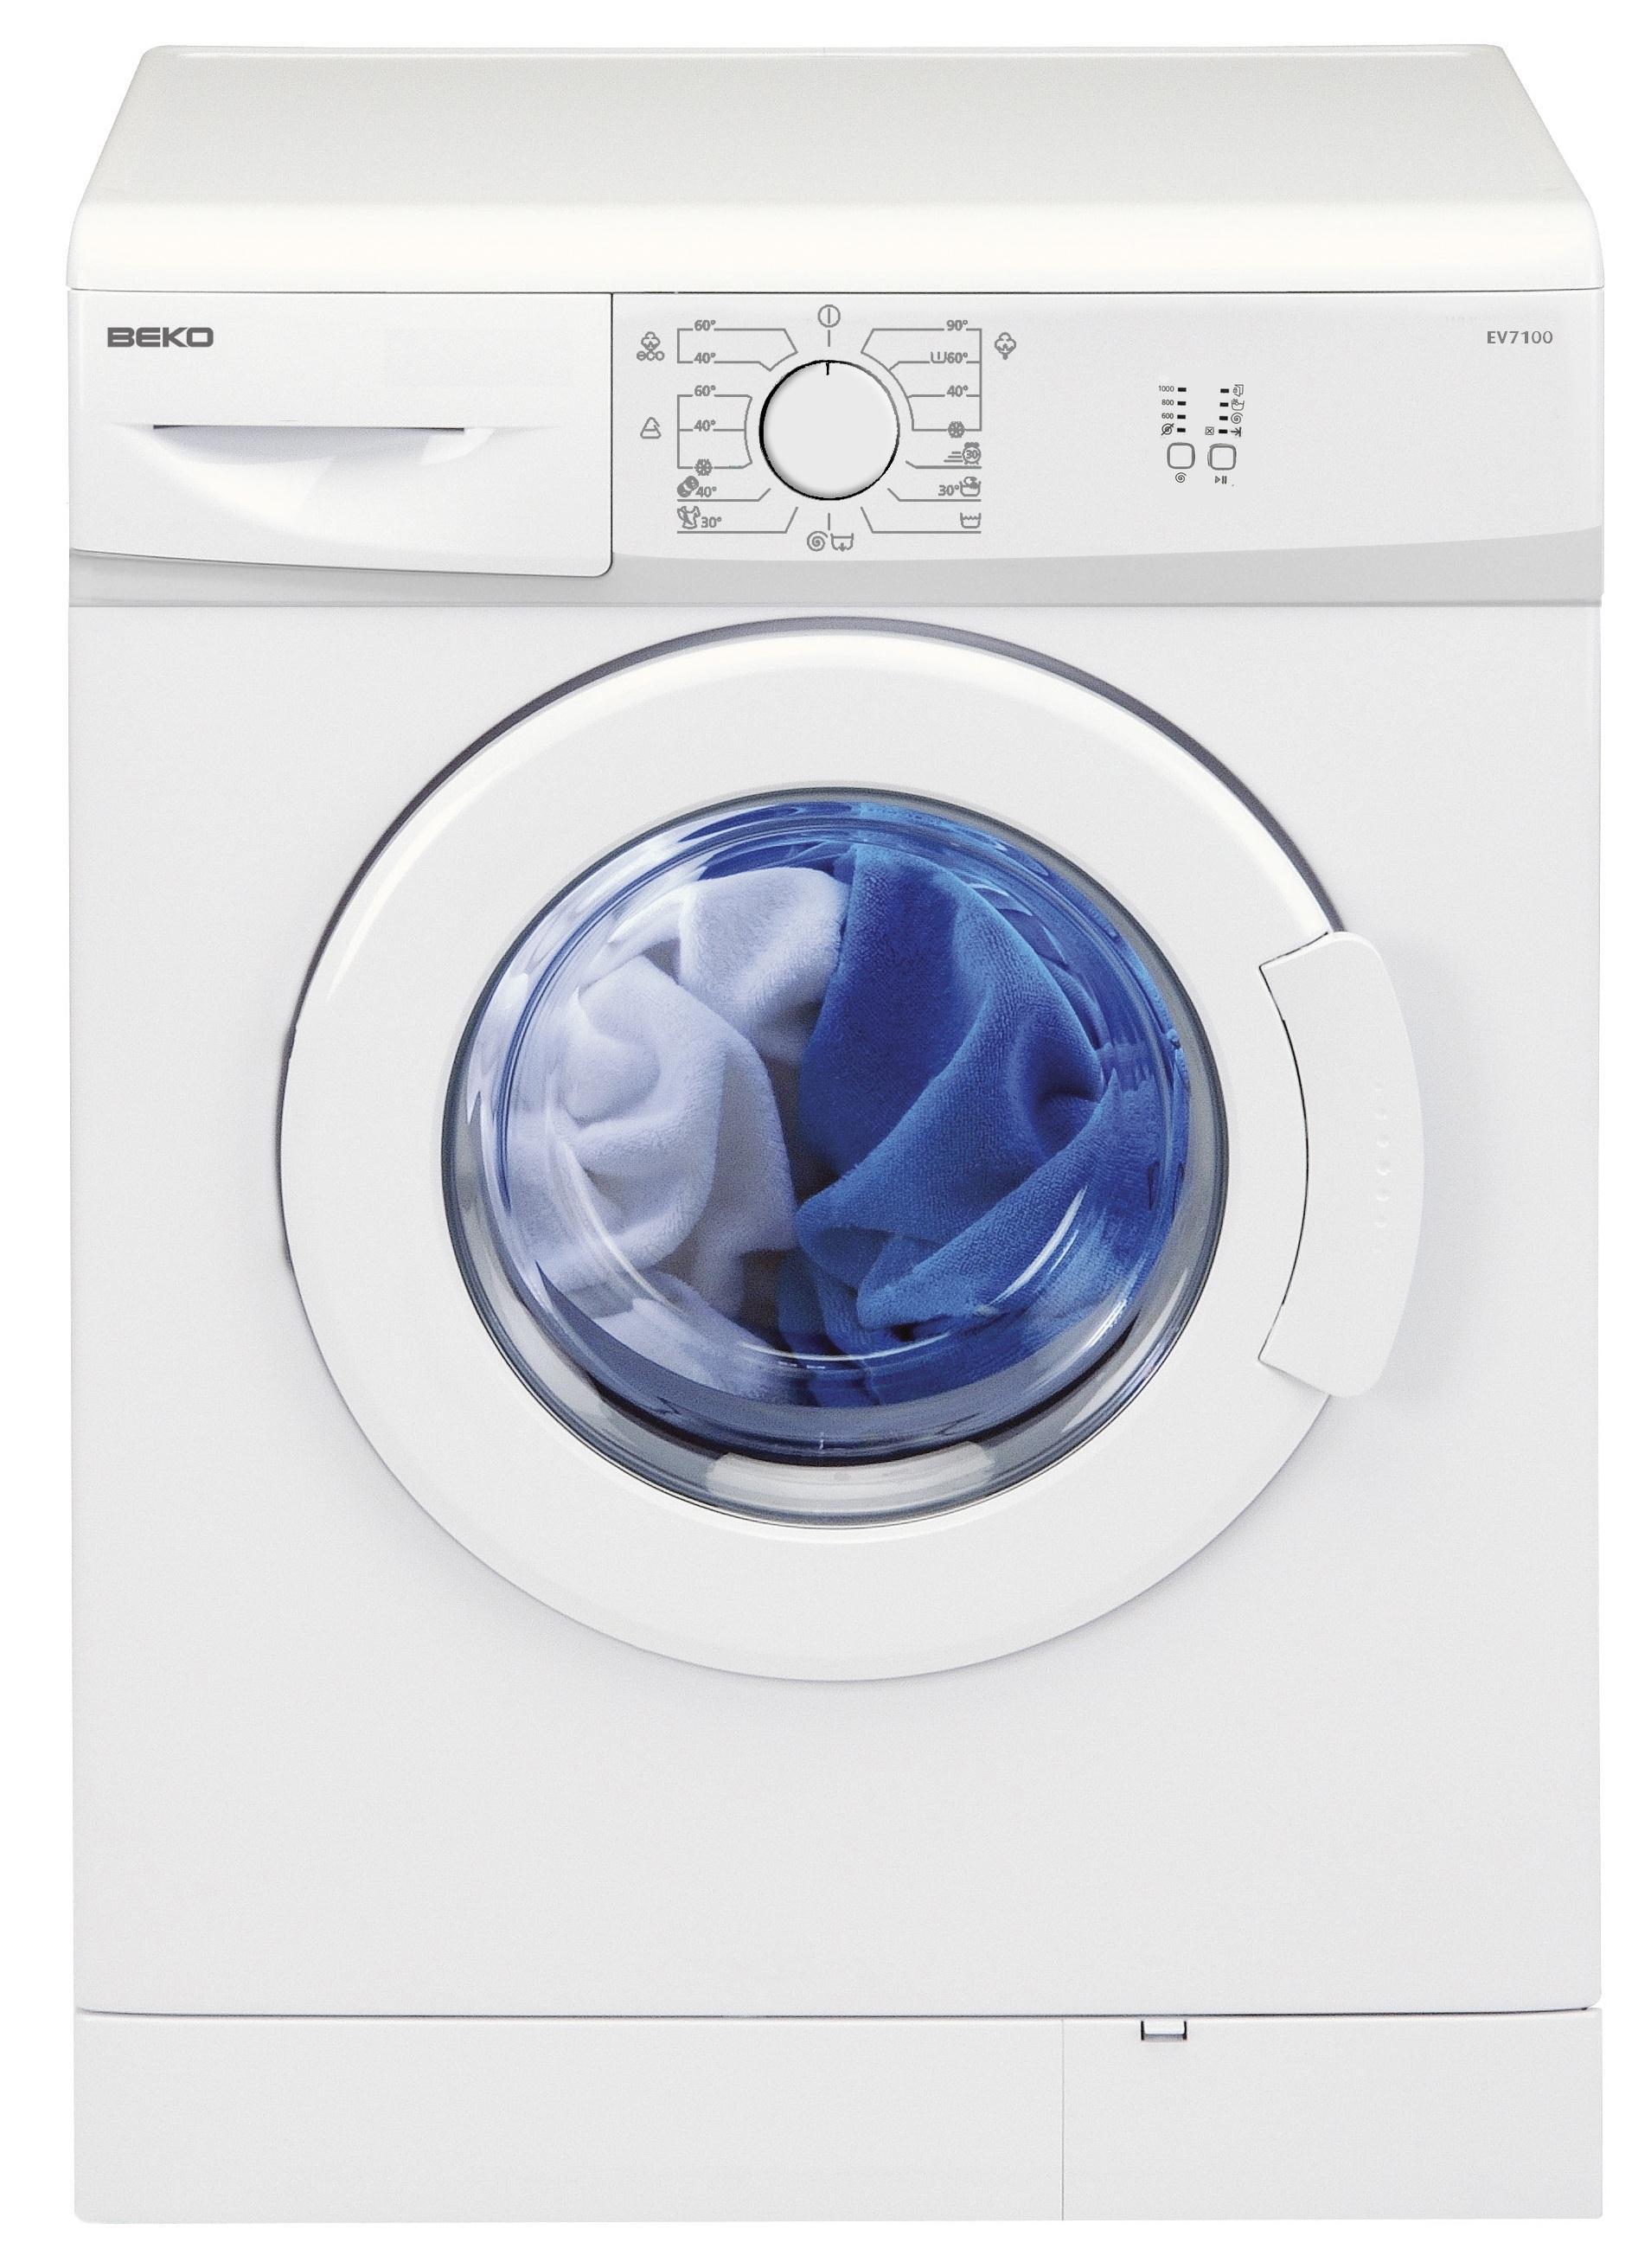 Lavatrice 7kg ev7100 beko beko offerte e promozioni for Quale lavatrice comprare